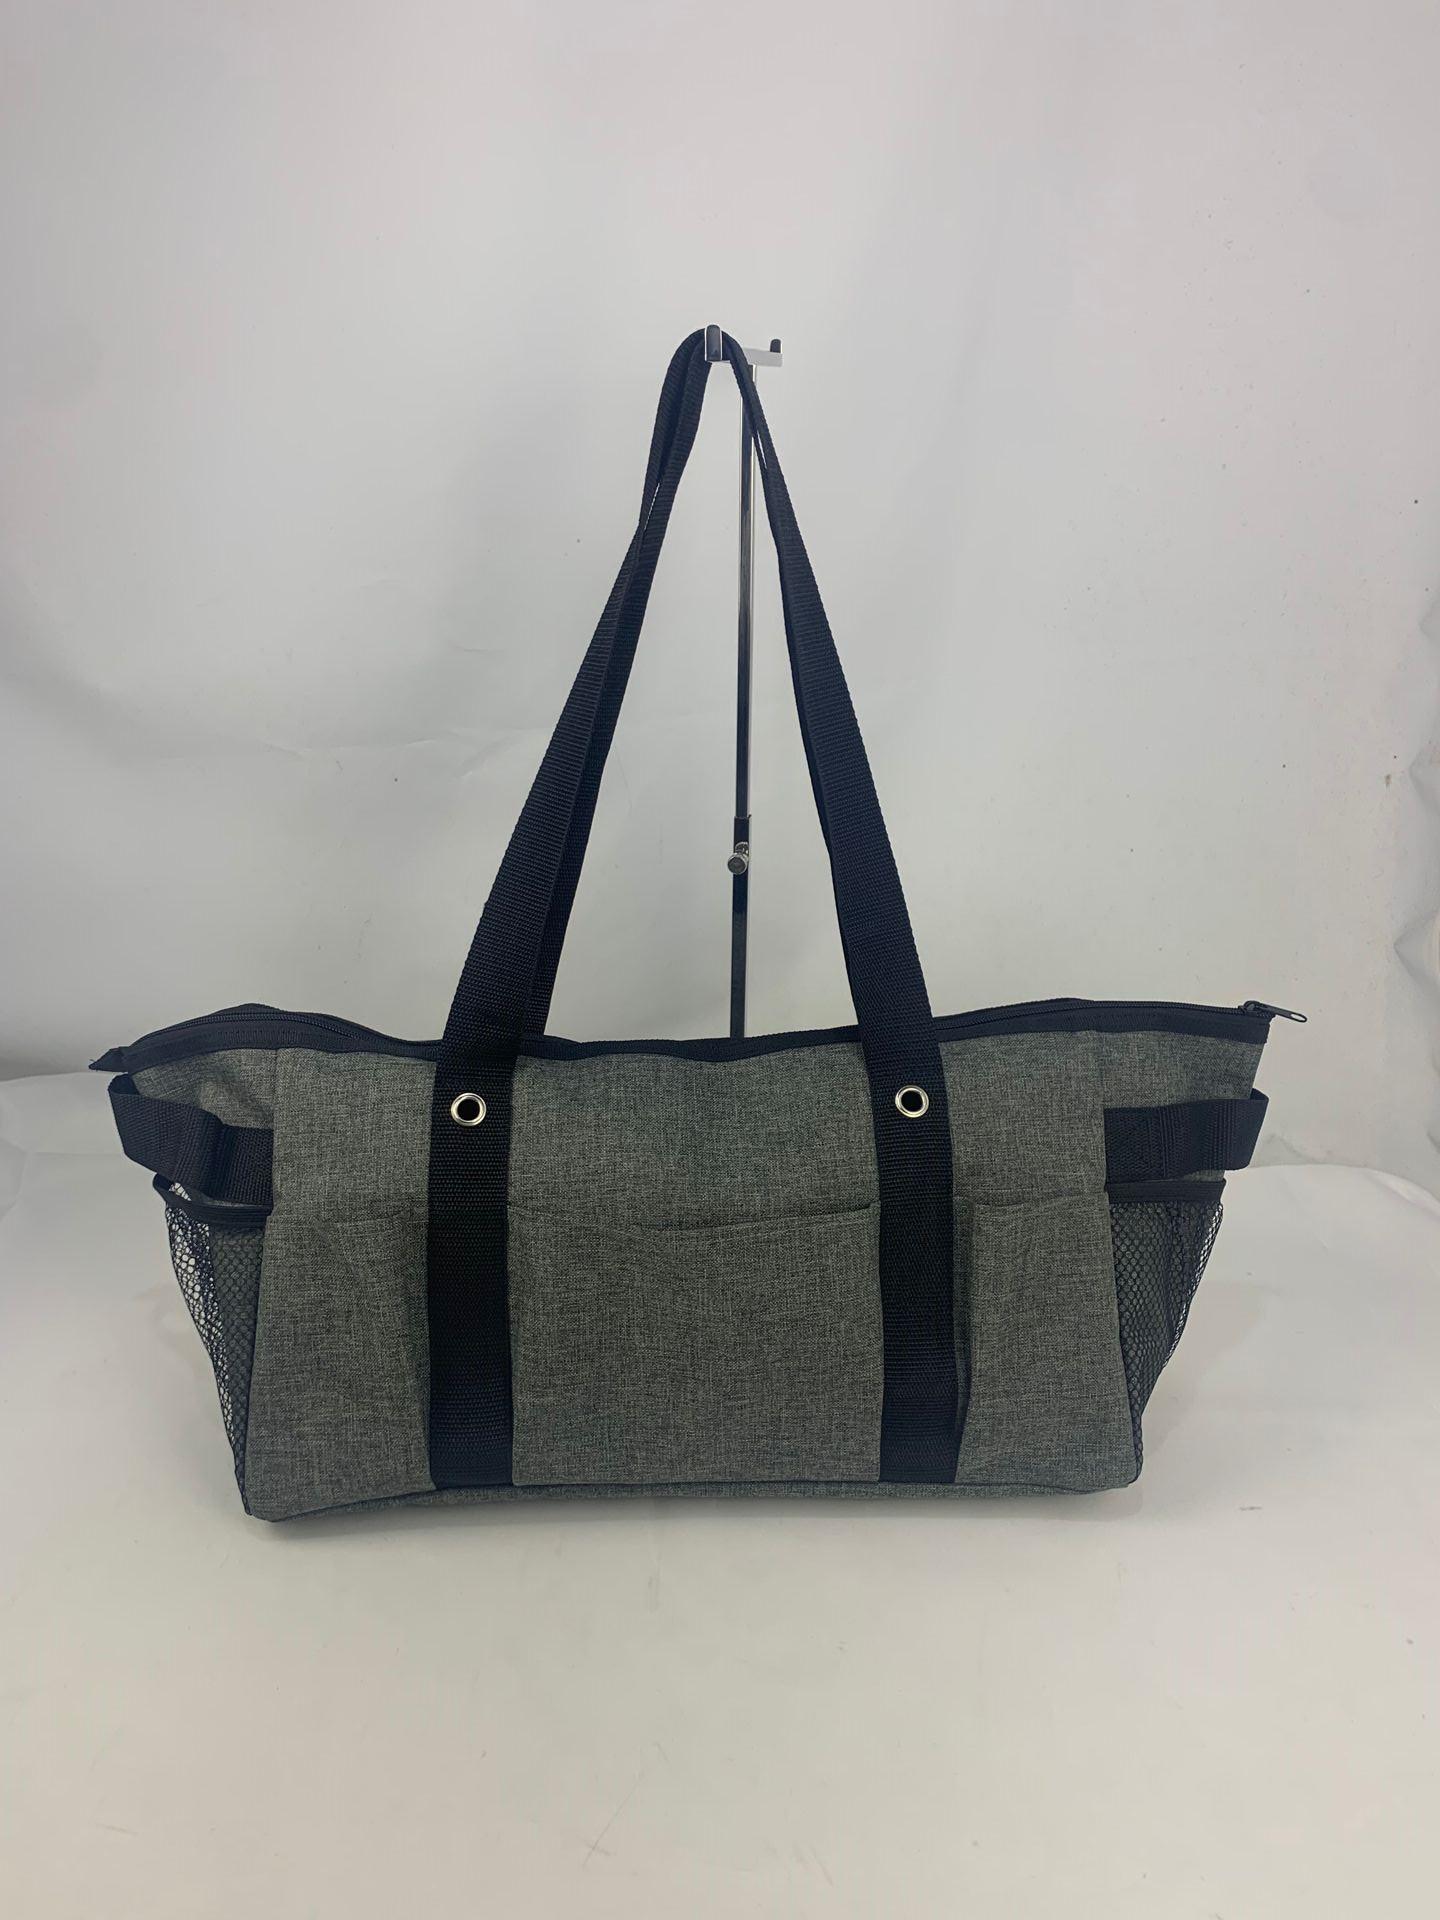 特別価格の旅行カバンは男女の大容量のリュックサックです。出張近距離旅行鞄フィットネス収納バッグです。